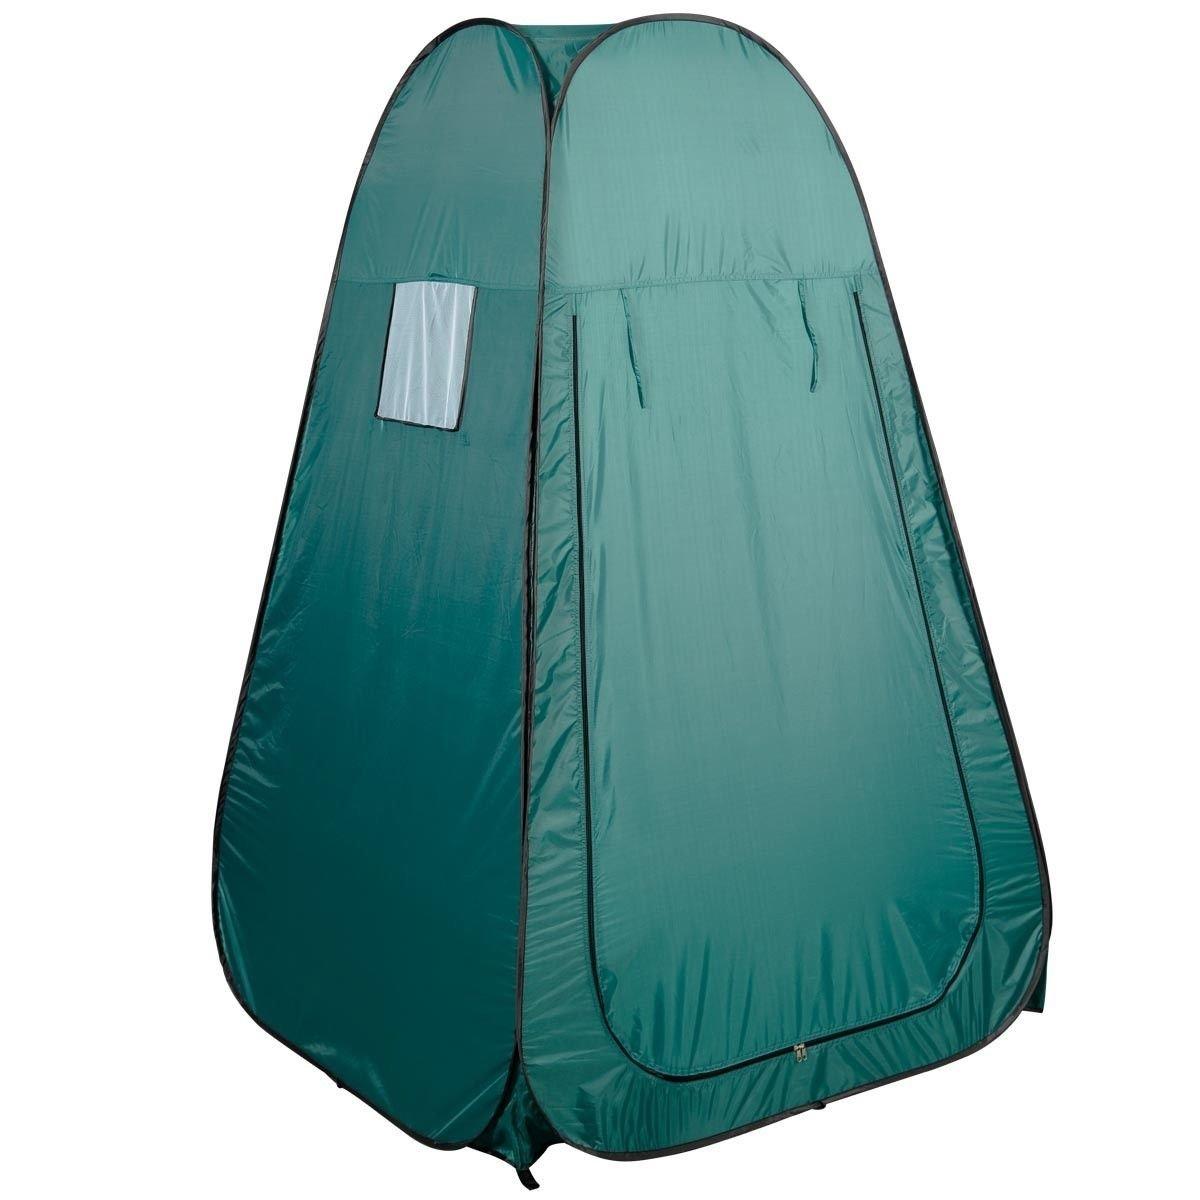 Generic NV_1008000885_YC-US2 GreenFis Toilet Changing Bathi Portable Pop ilet Tent Camping ing T UP Fishing & Bathing ampin Room Green Portabl by Generic (Image #3)